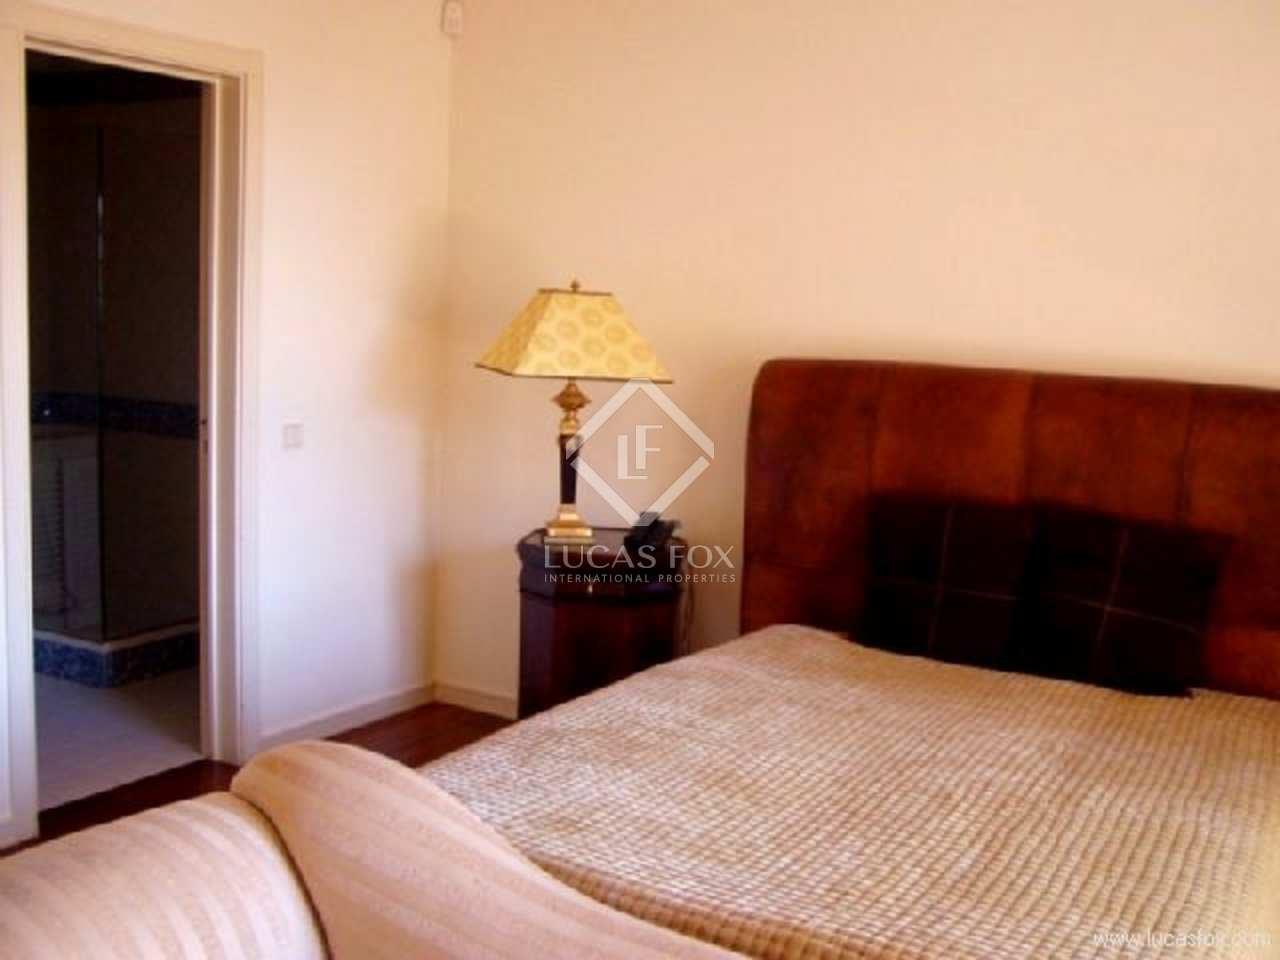 280m wohnung zum verkauf in cascais und estoril portugal. Black Bedroom Furniture Sets. Home Design Ideas